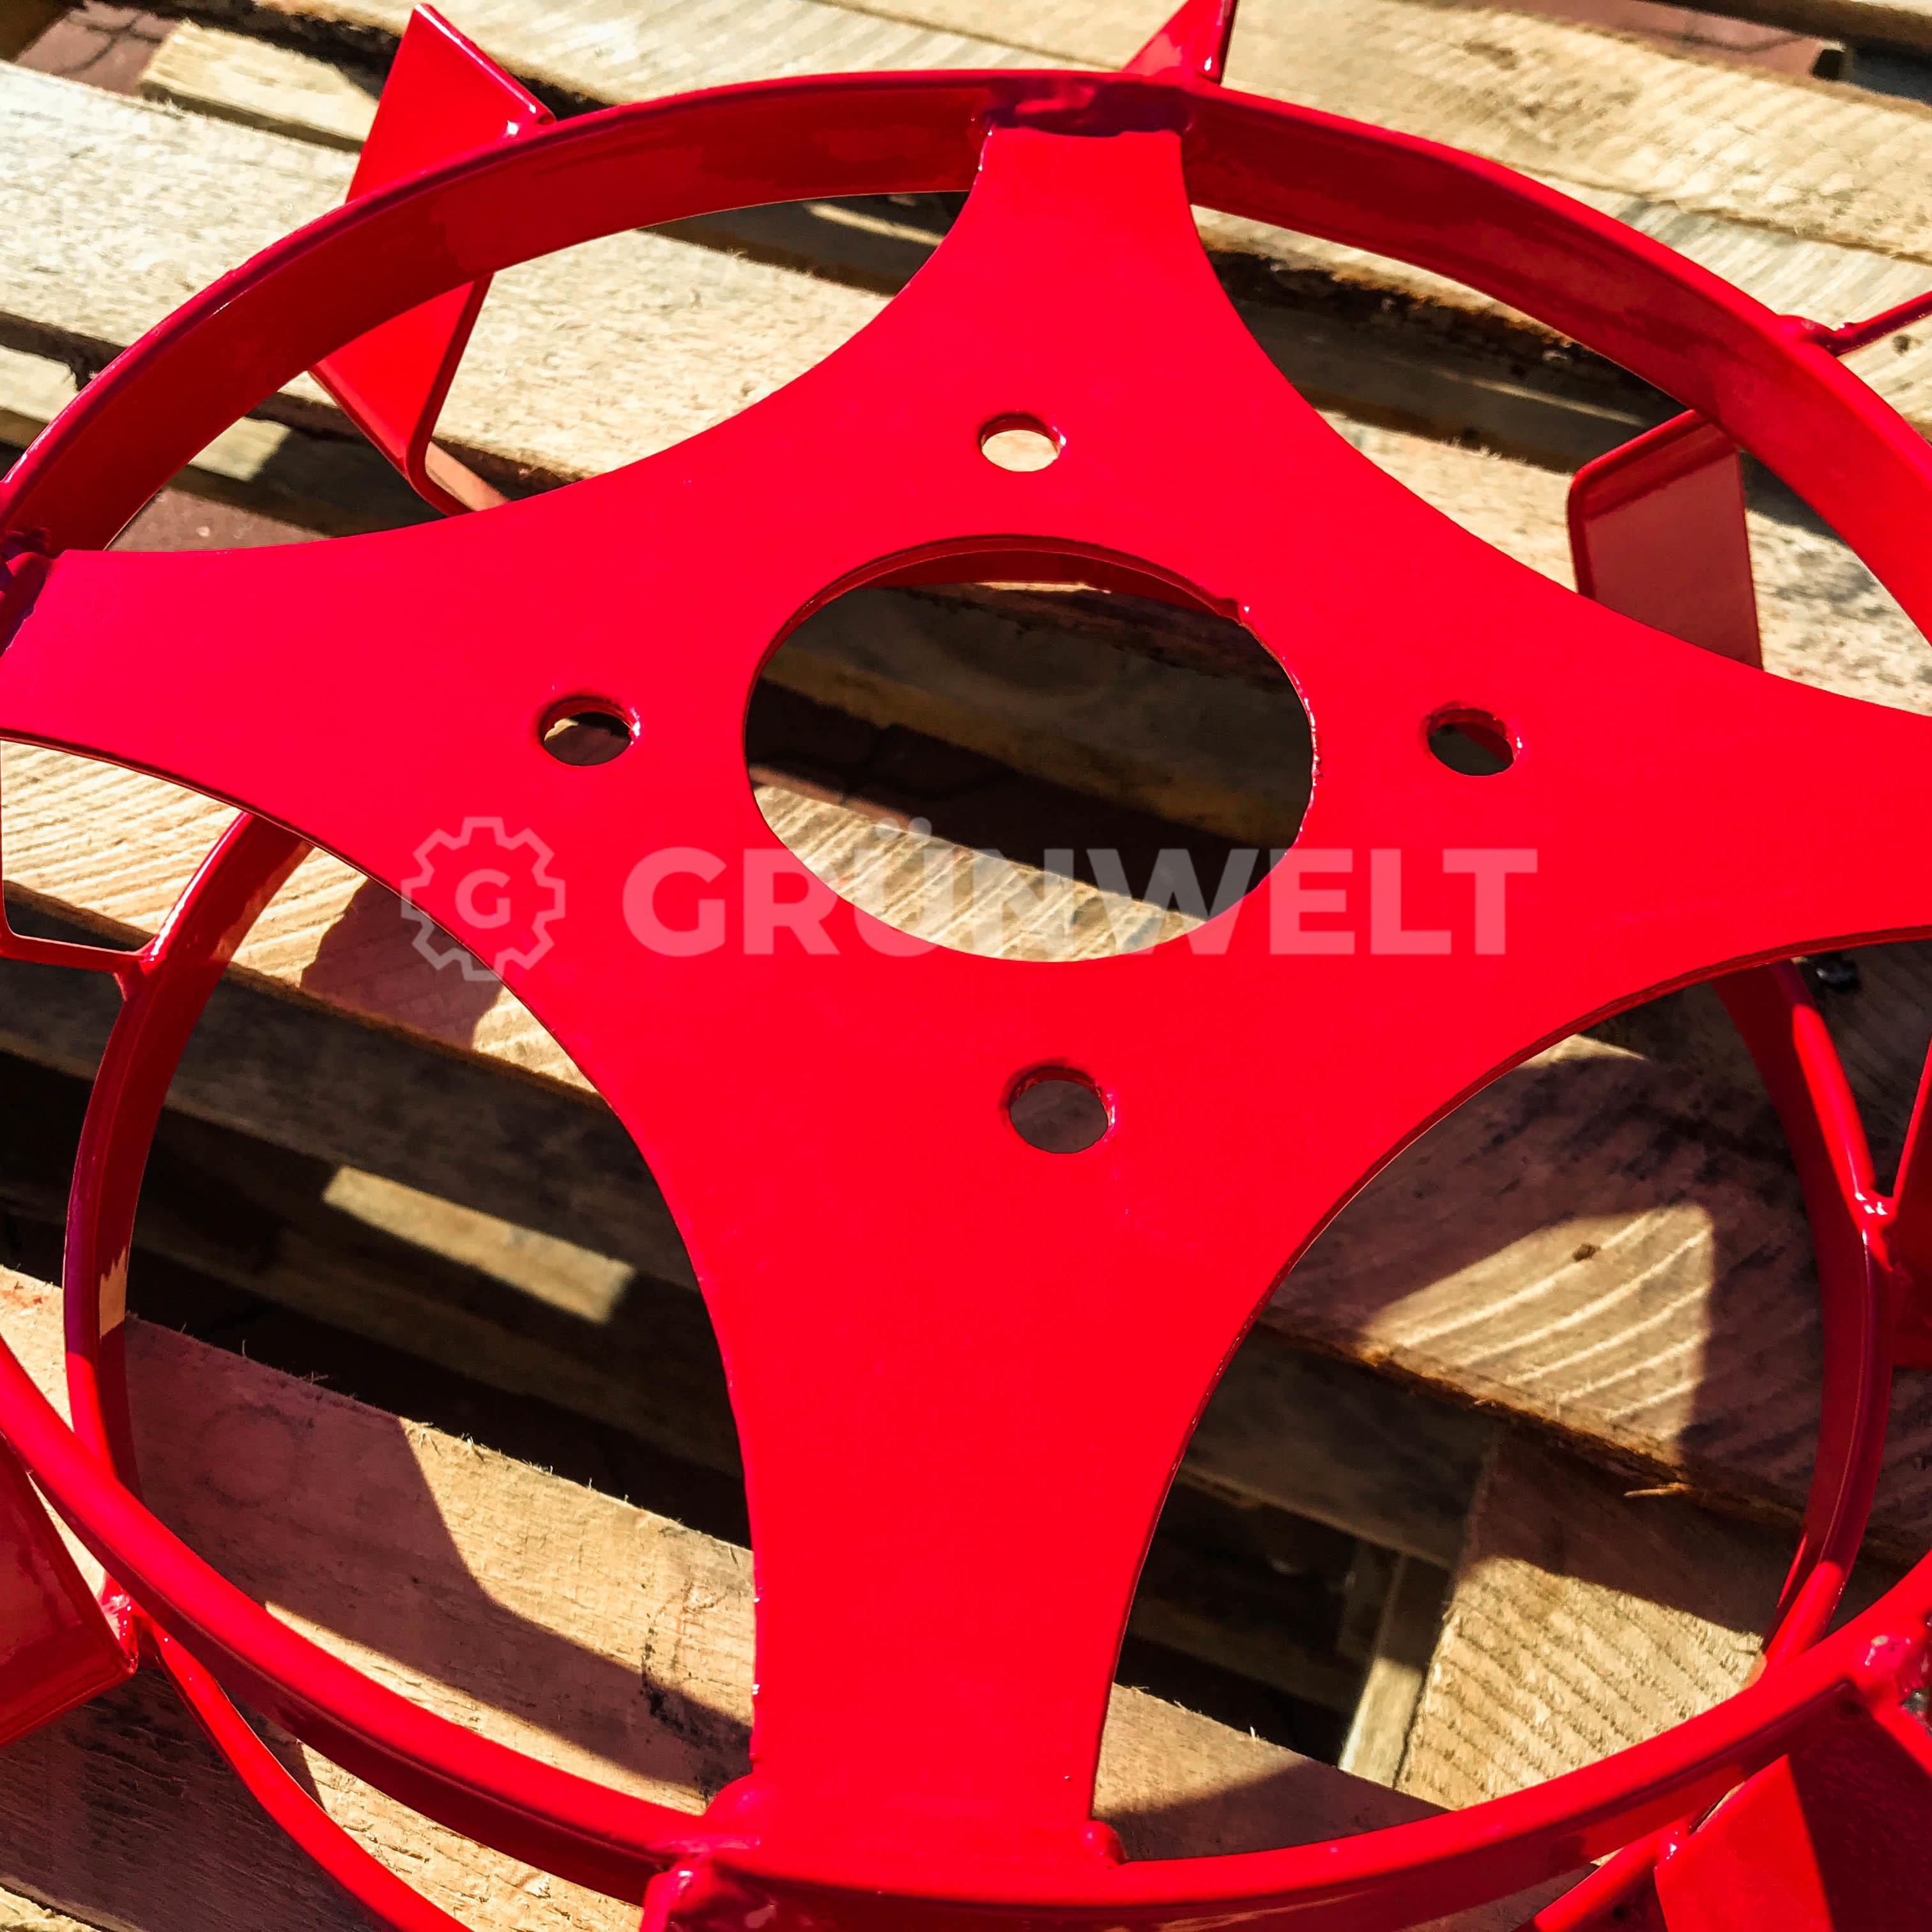 Eisenräder Grünwelt GW-ER380 Schaufelräder Schaufelrad Eisenradset Pflügen